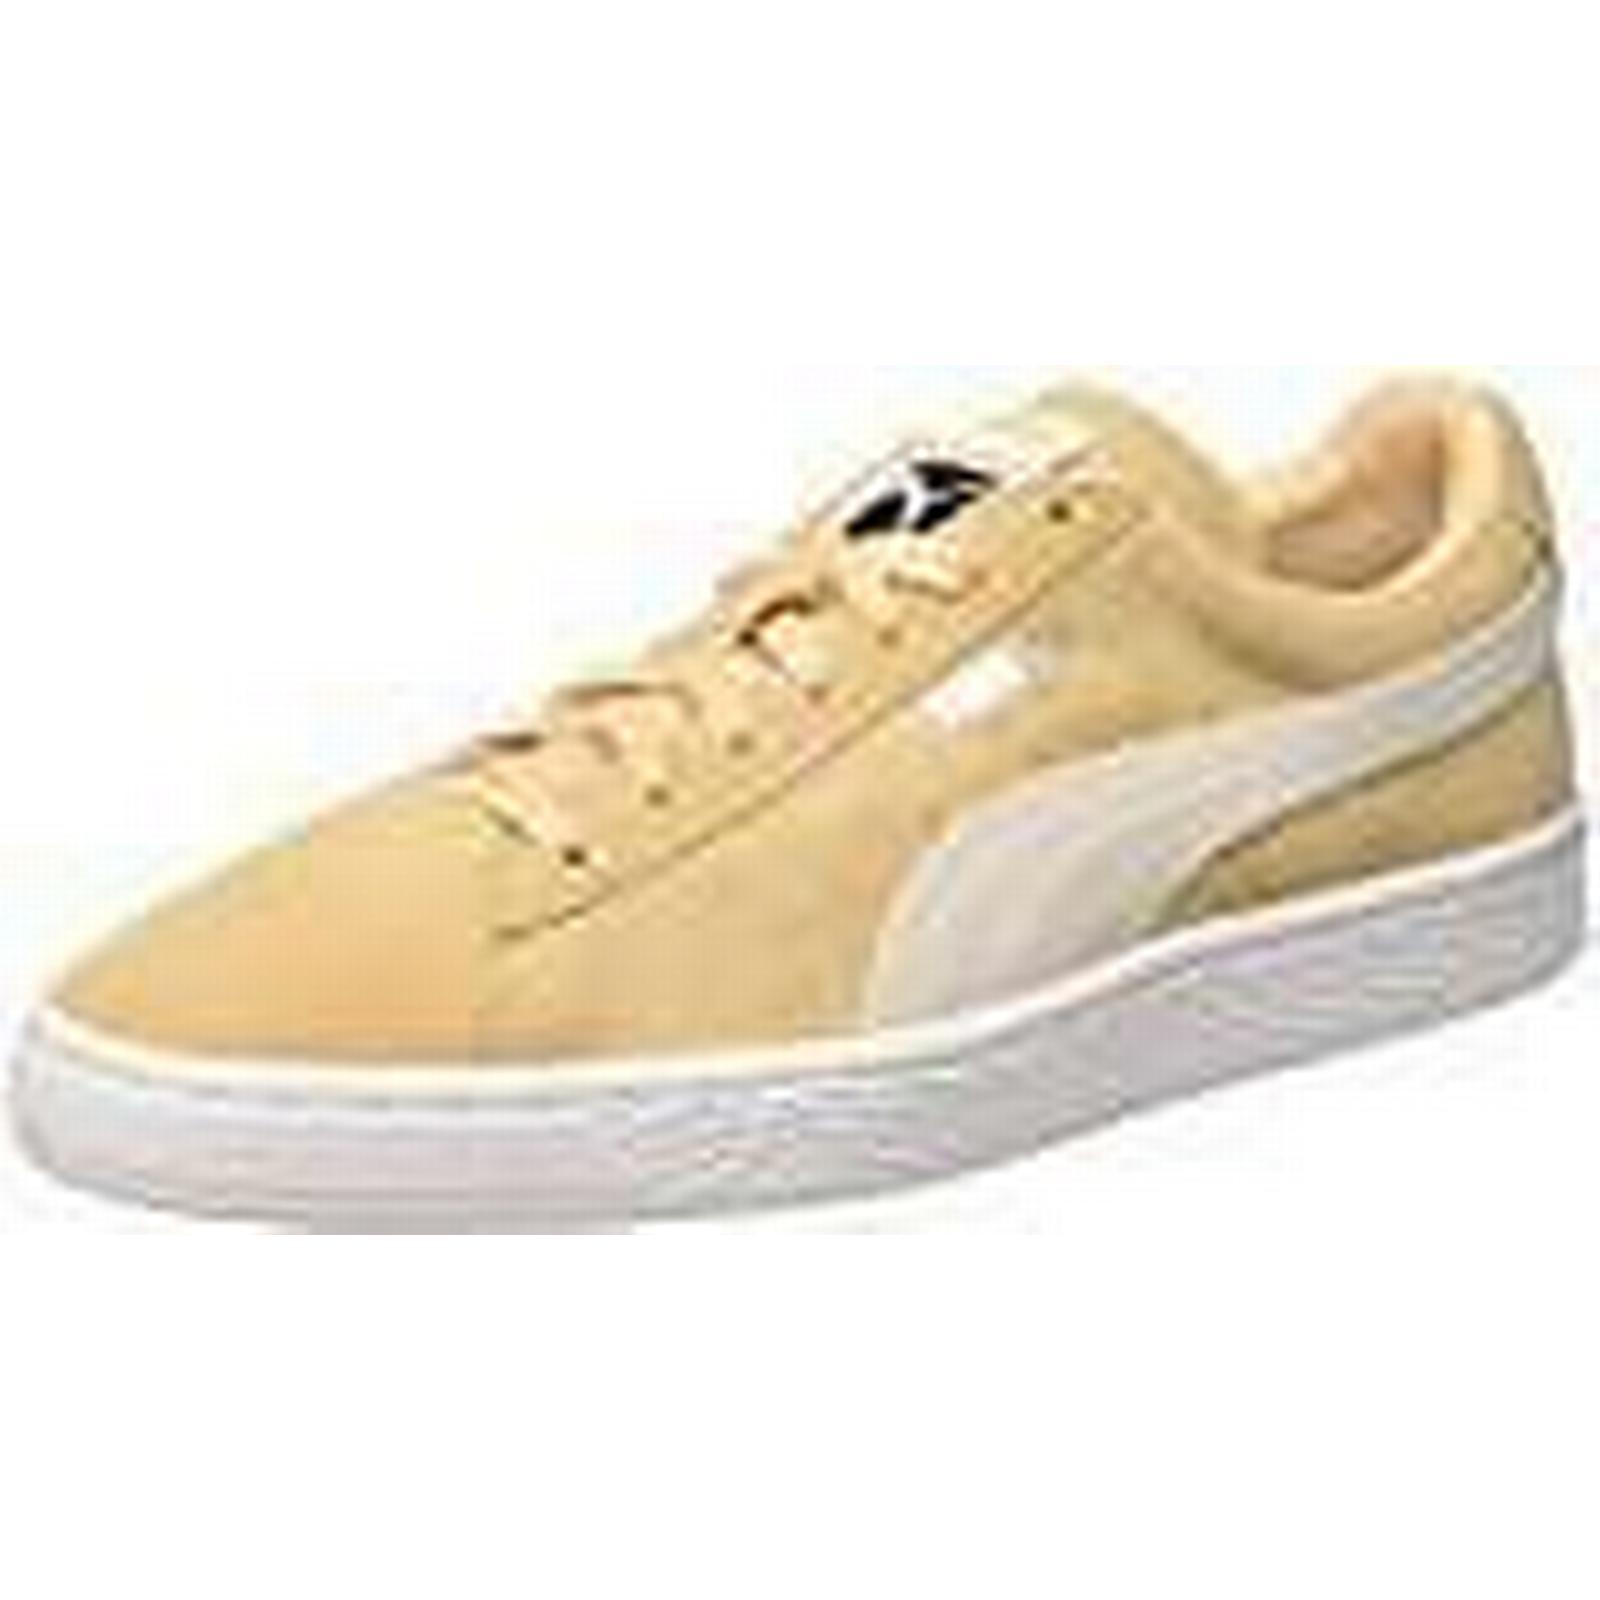 Puma Unisex Adults' Suede Classic + Vachetta Low-Top Sneakers, Beige (Natural Vachetta + White 08), 7.5 UK f573a6